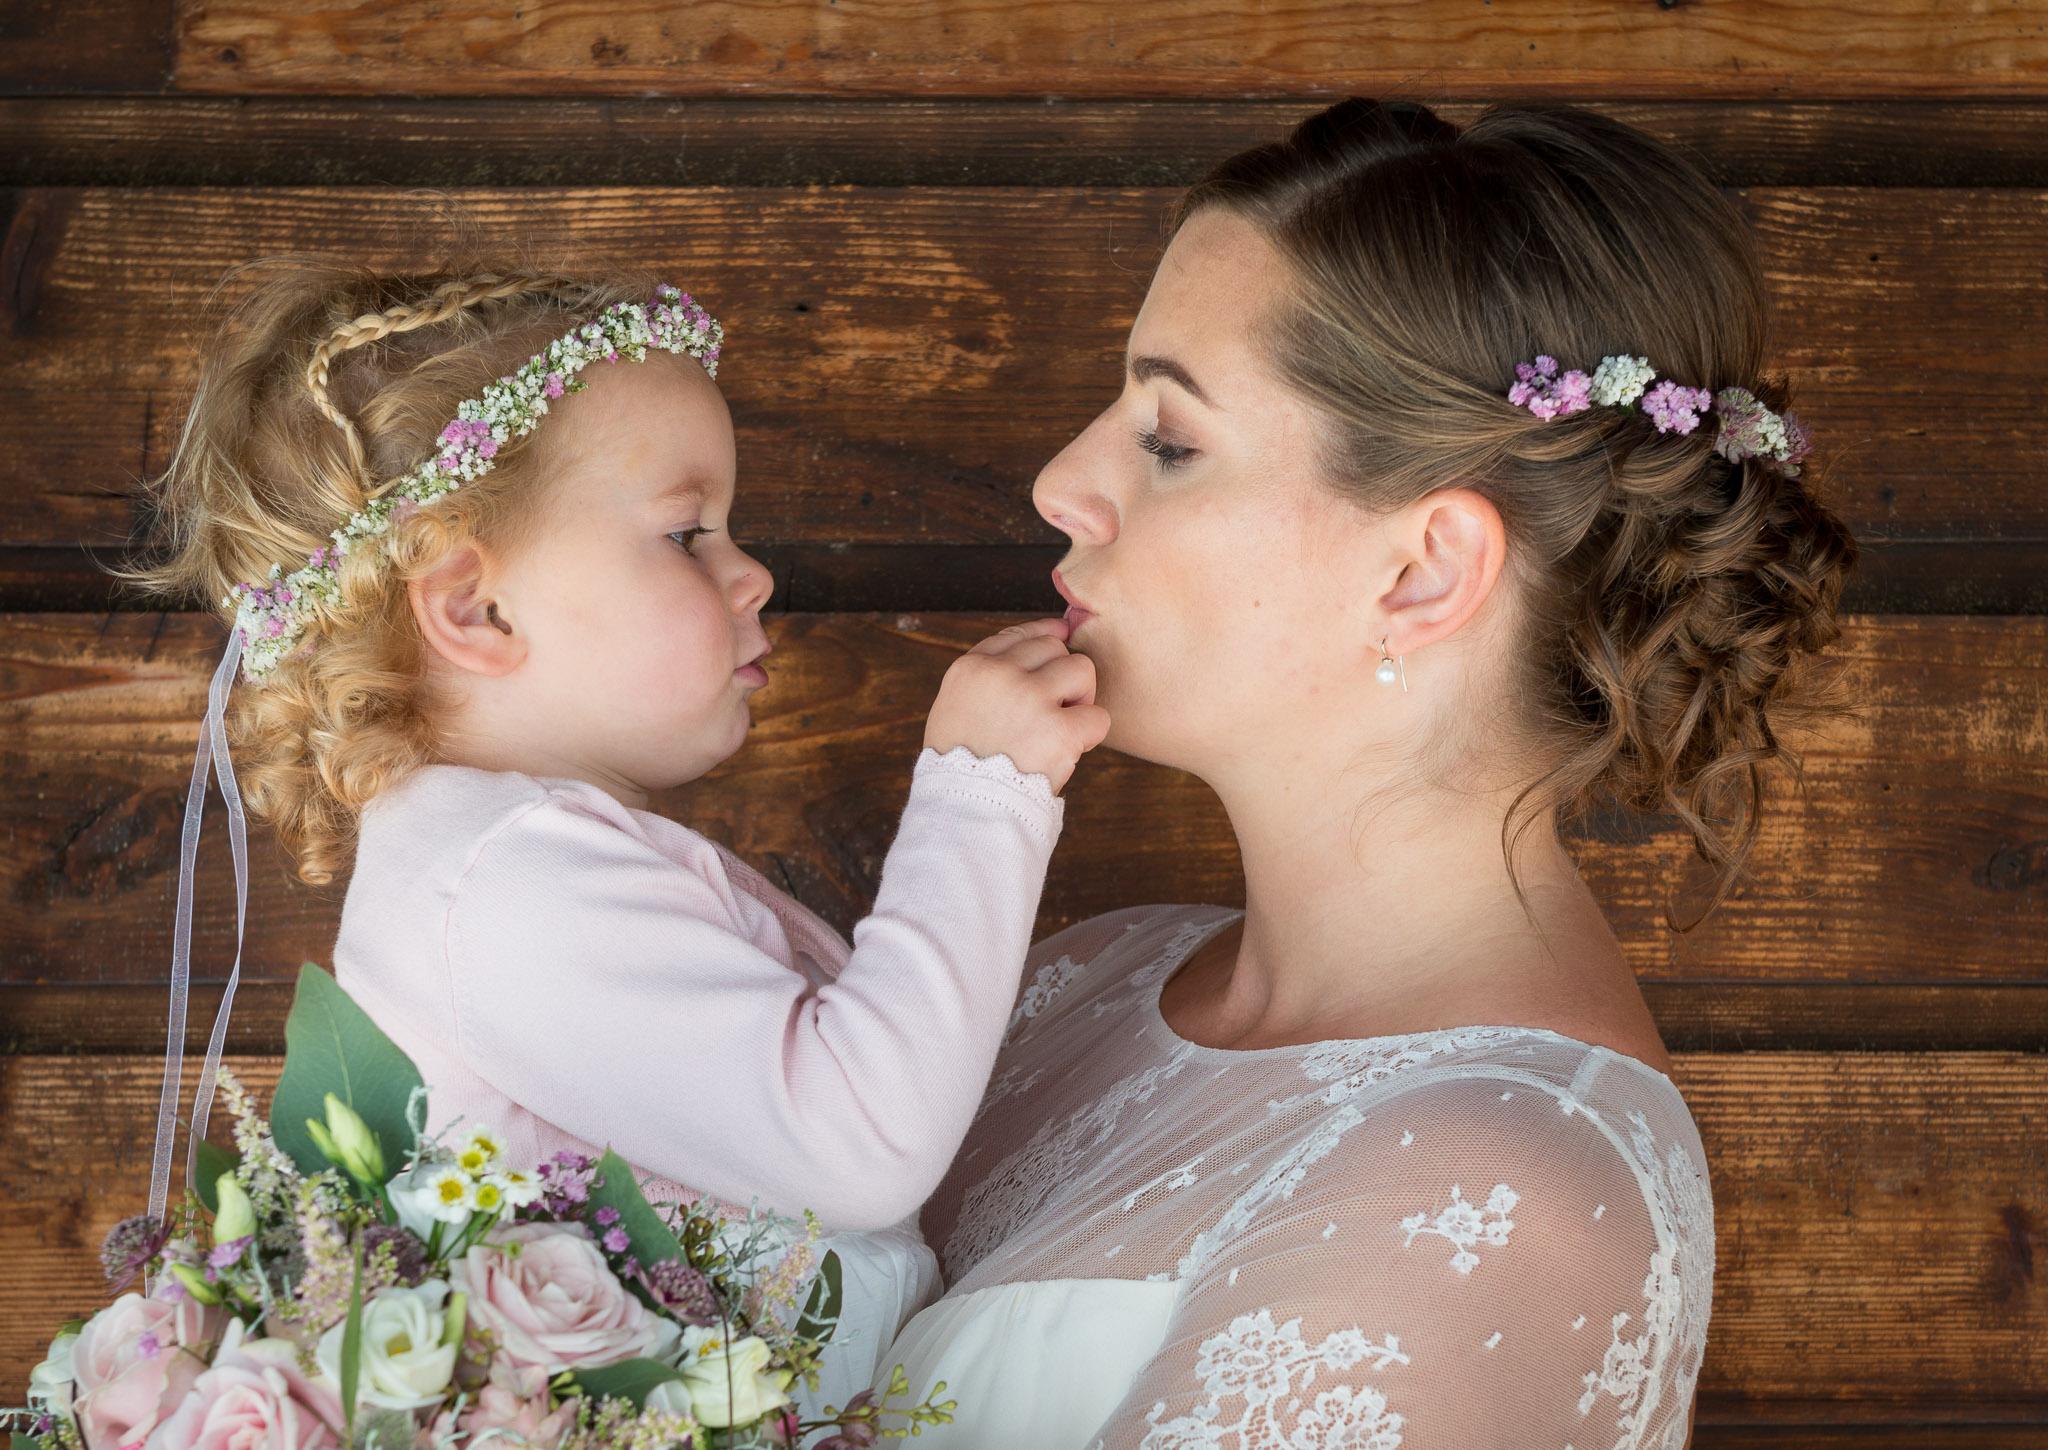 Hochzeit am Attersee, Braut mit Tochter im Arm